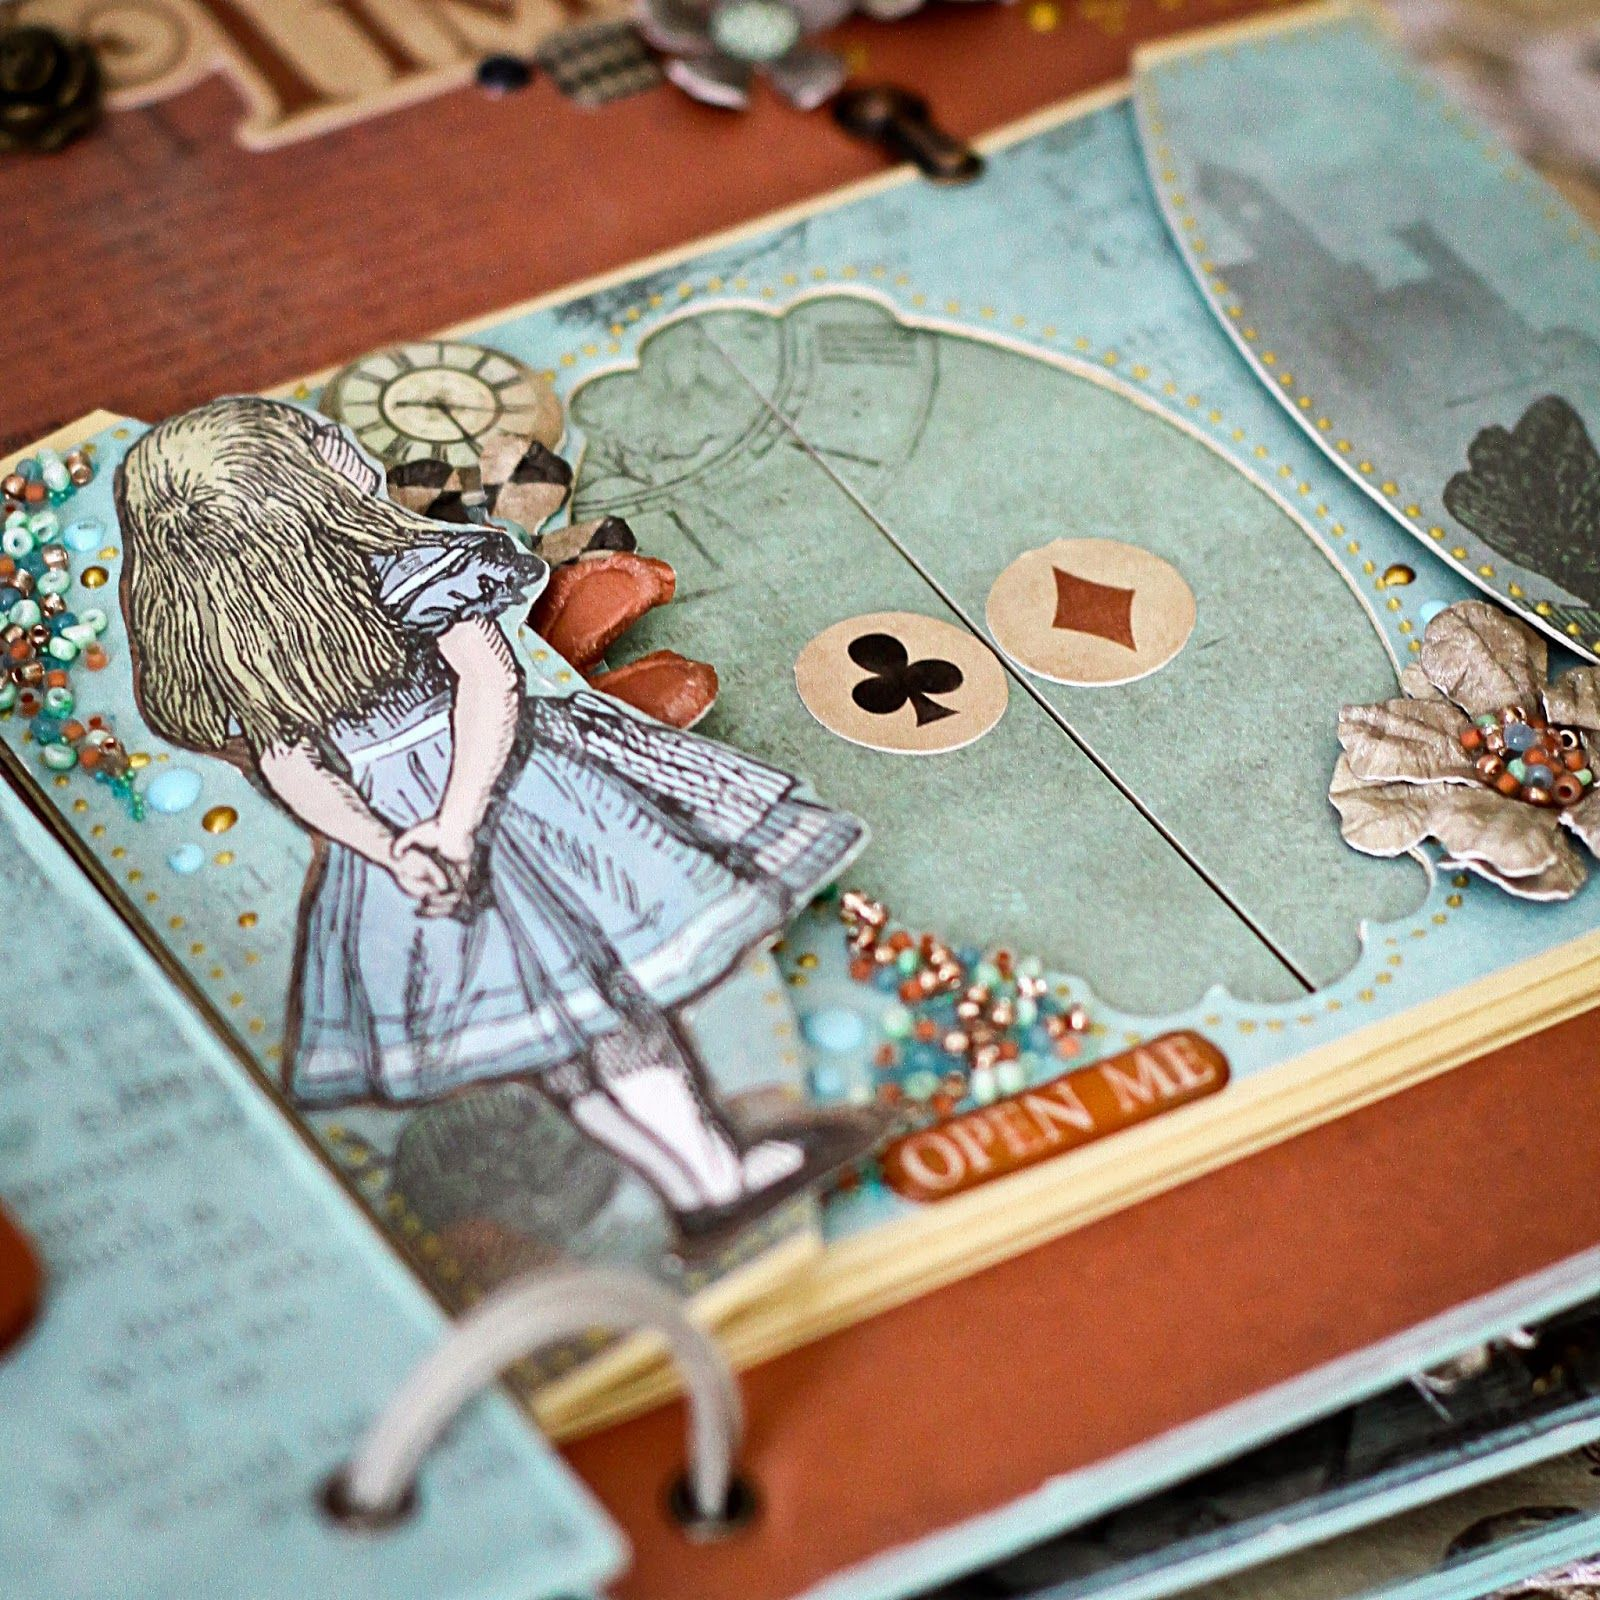 Алиса в стране чудес открытка скрапбукинг, крупными деталями